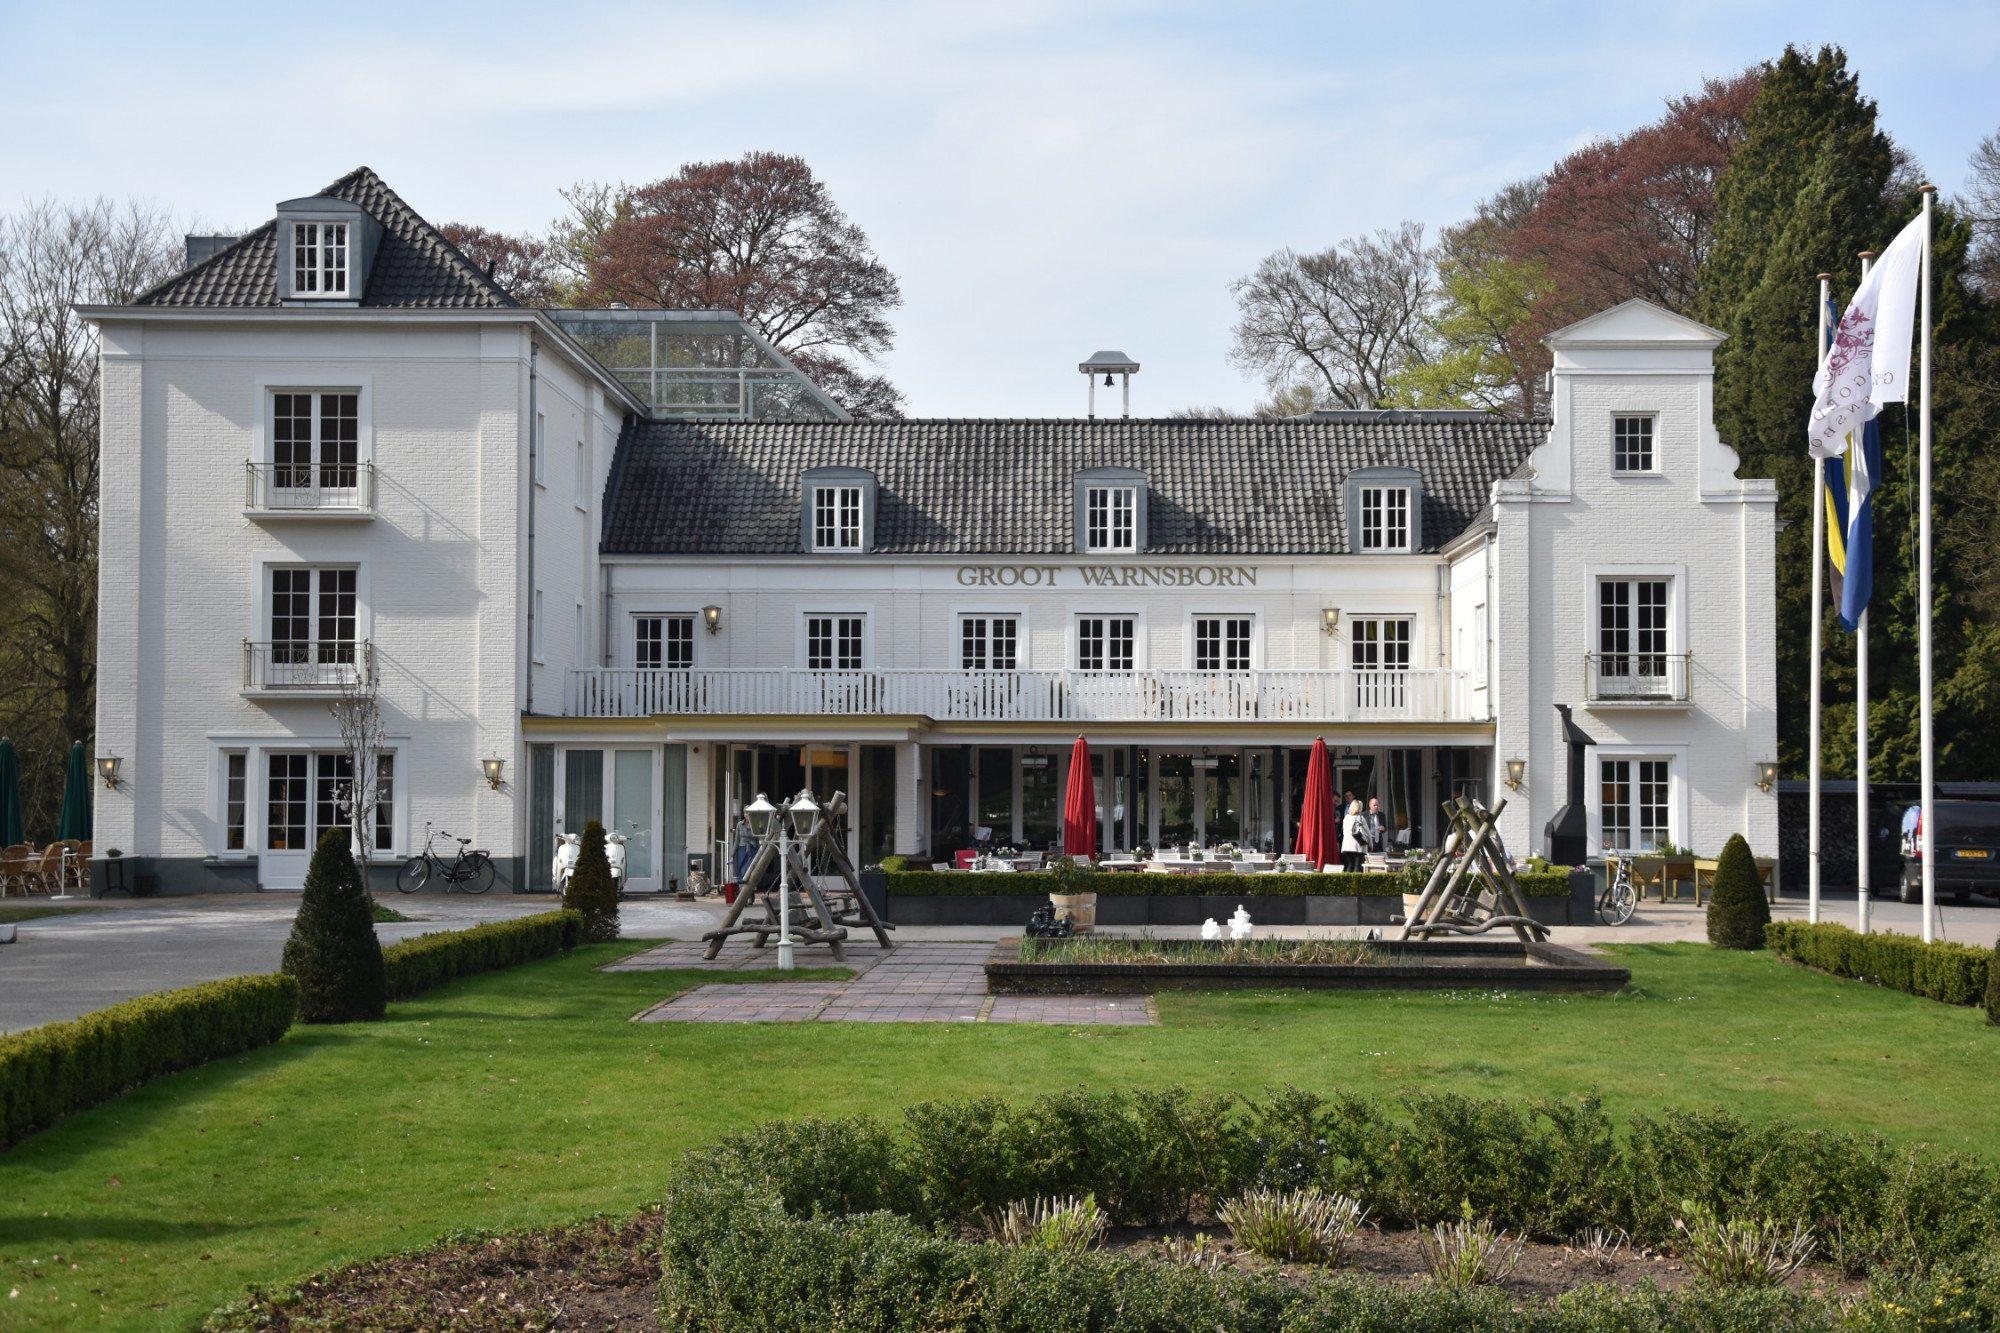 Hotel Arnhem